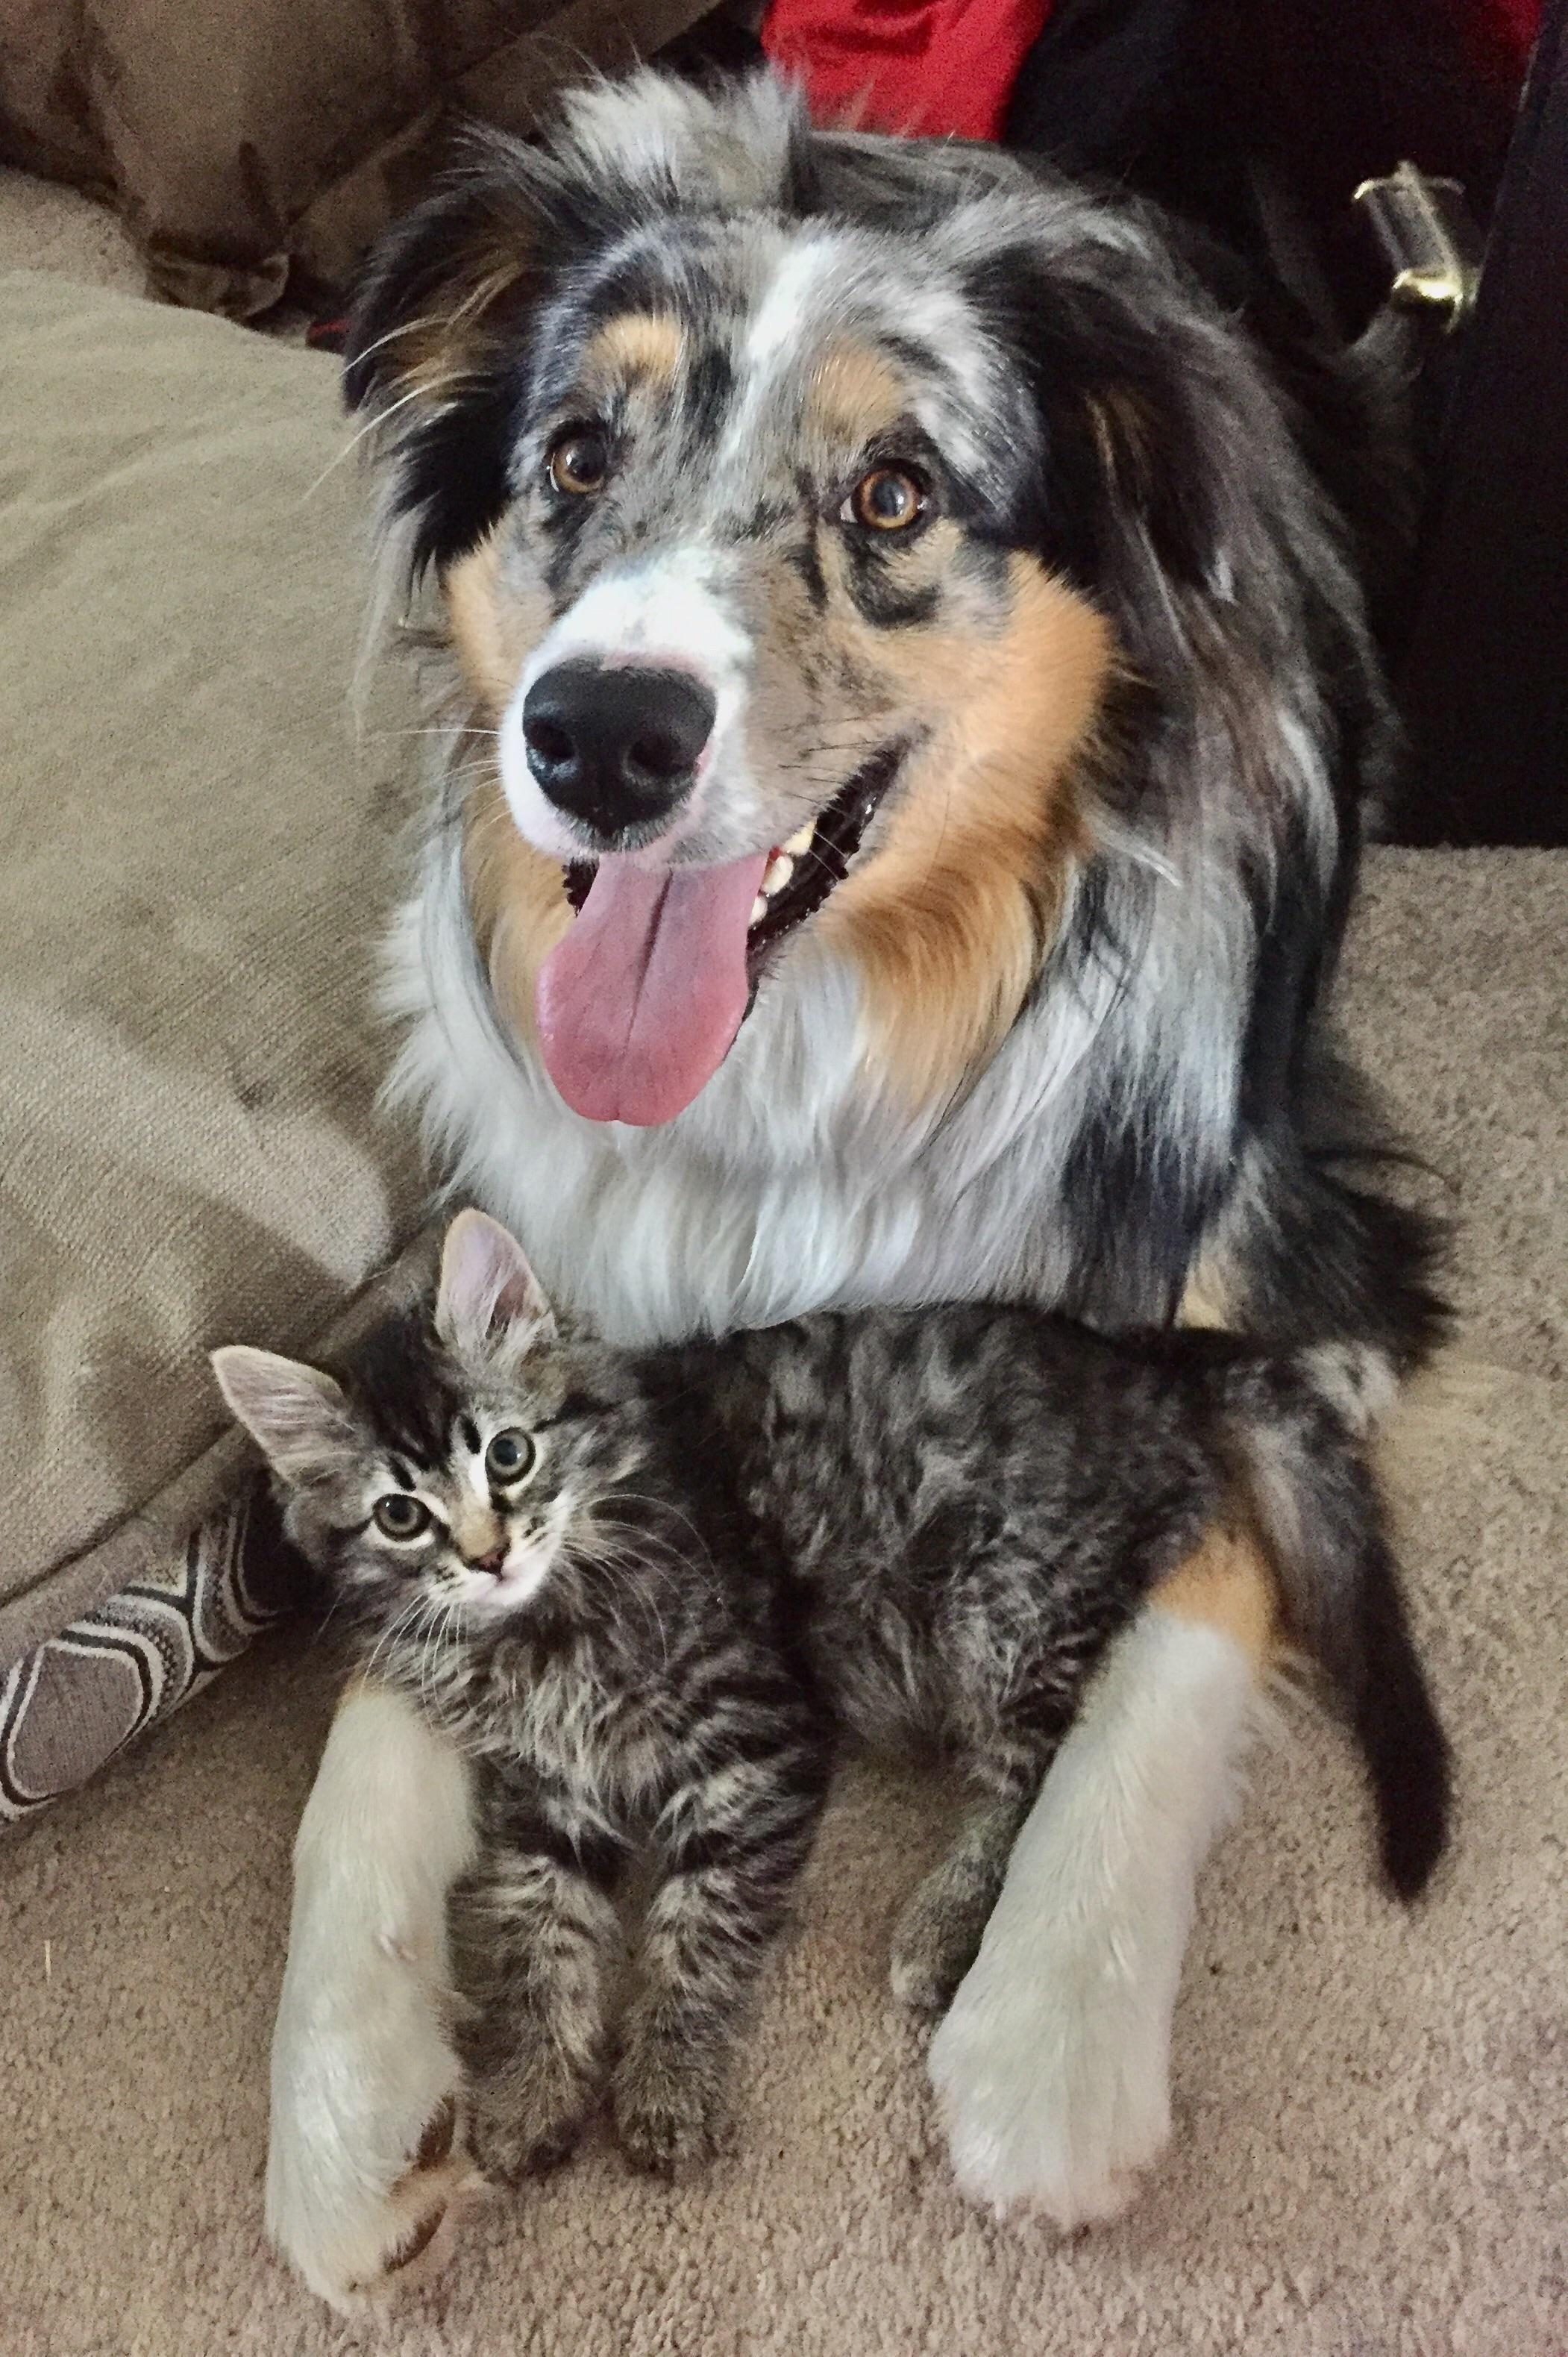 Animals love each other http//ift.tt/2uFYiHK Cuddly